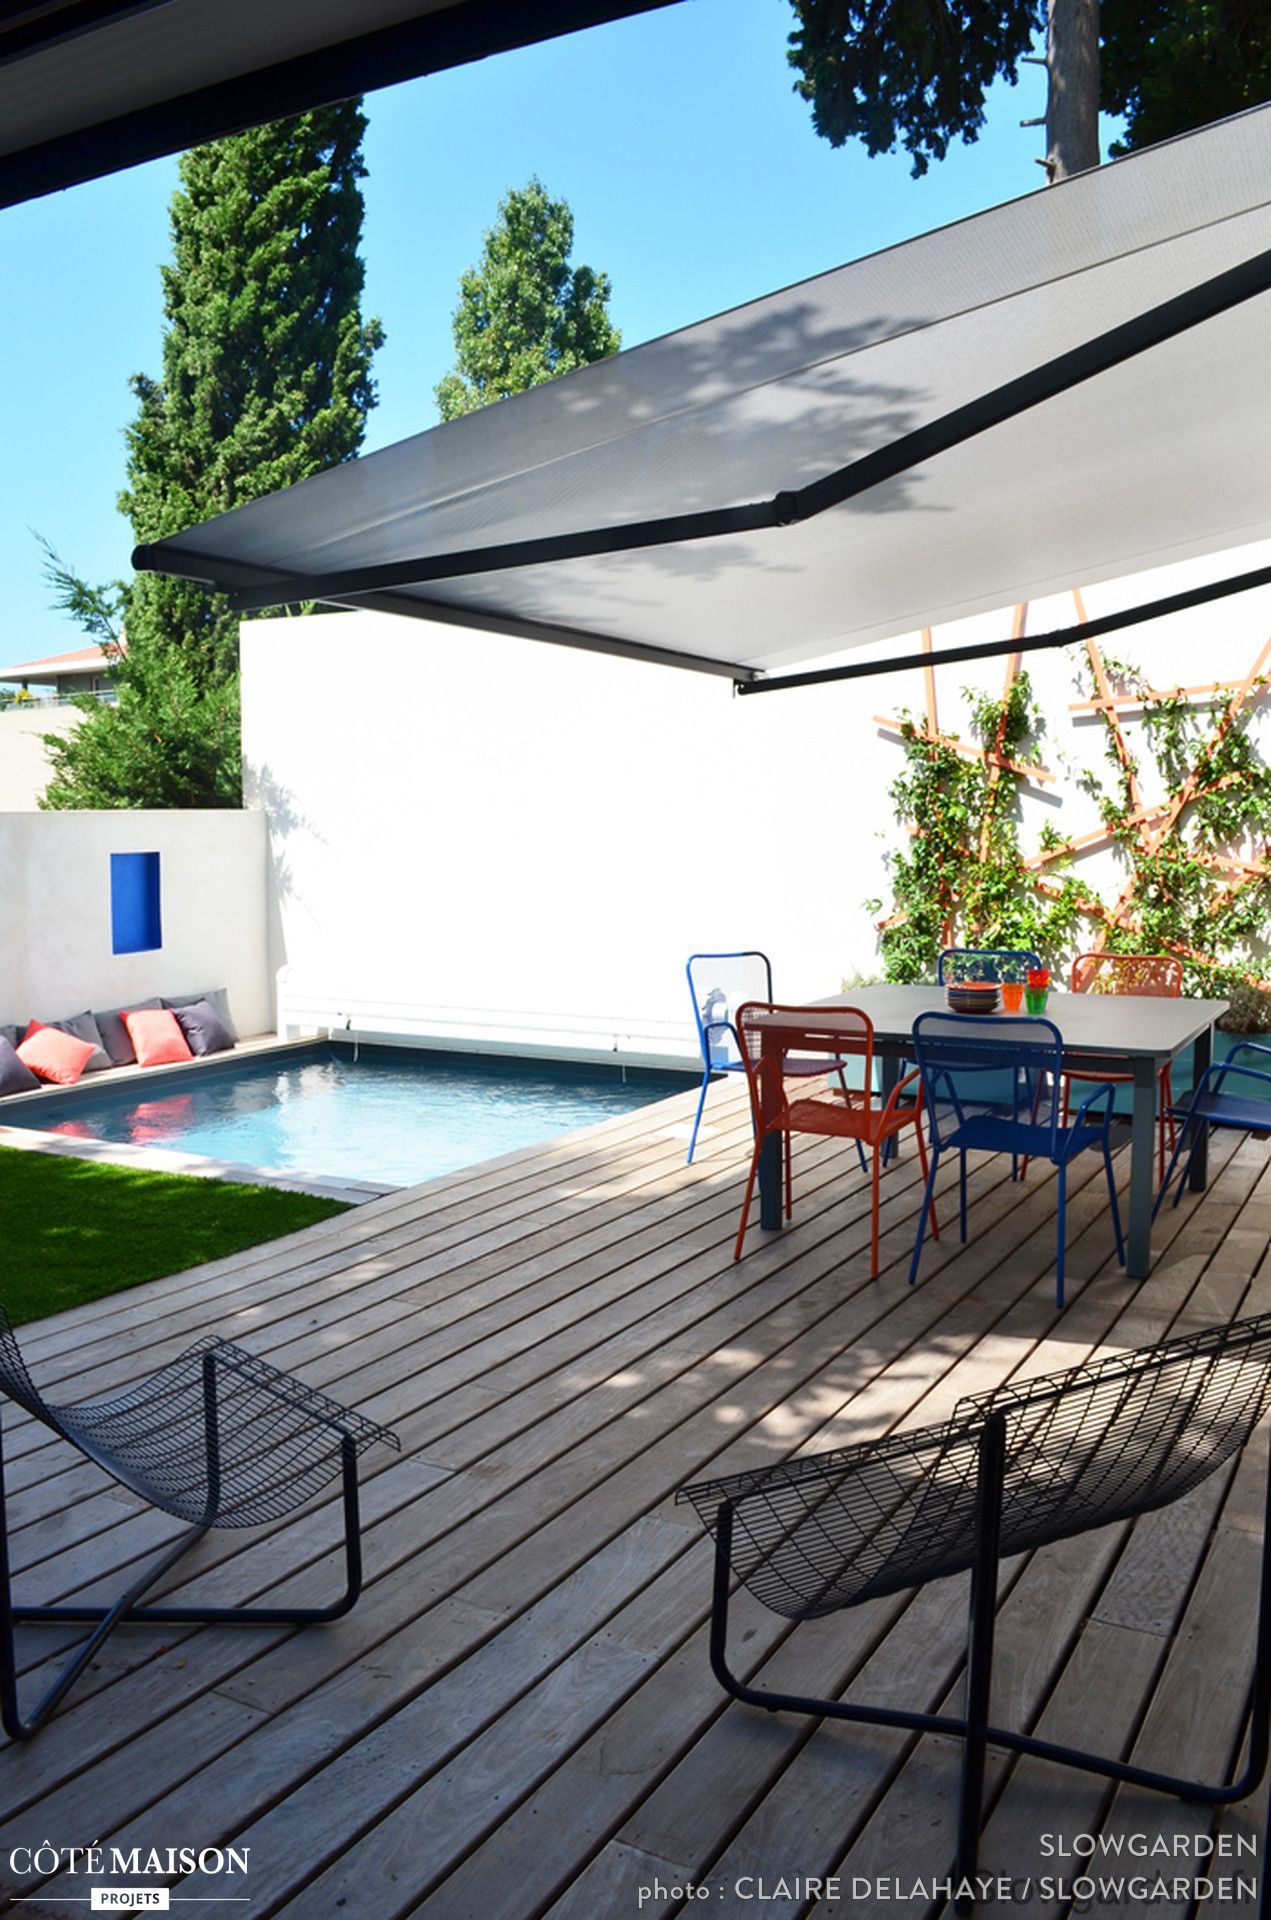 piscine en arri re plan entour e de gazon terrasse en bois au premier plan autour de la. Black Bedroom Furniture Sets. Home Design Ideas